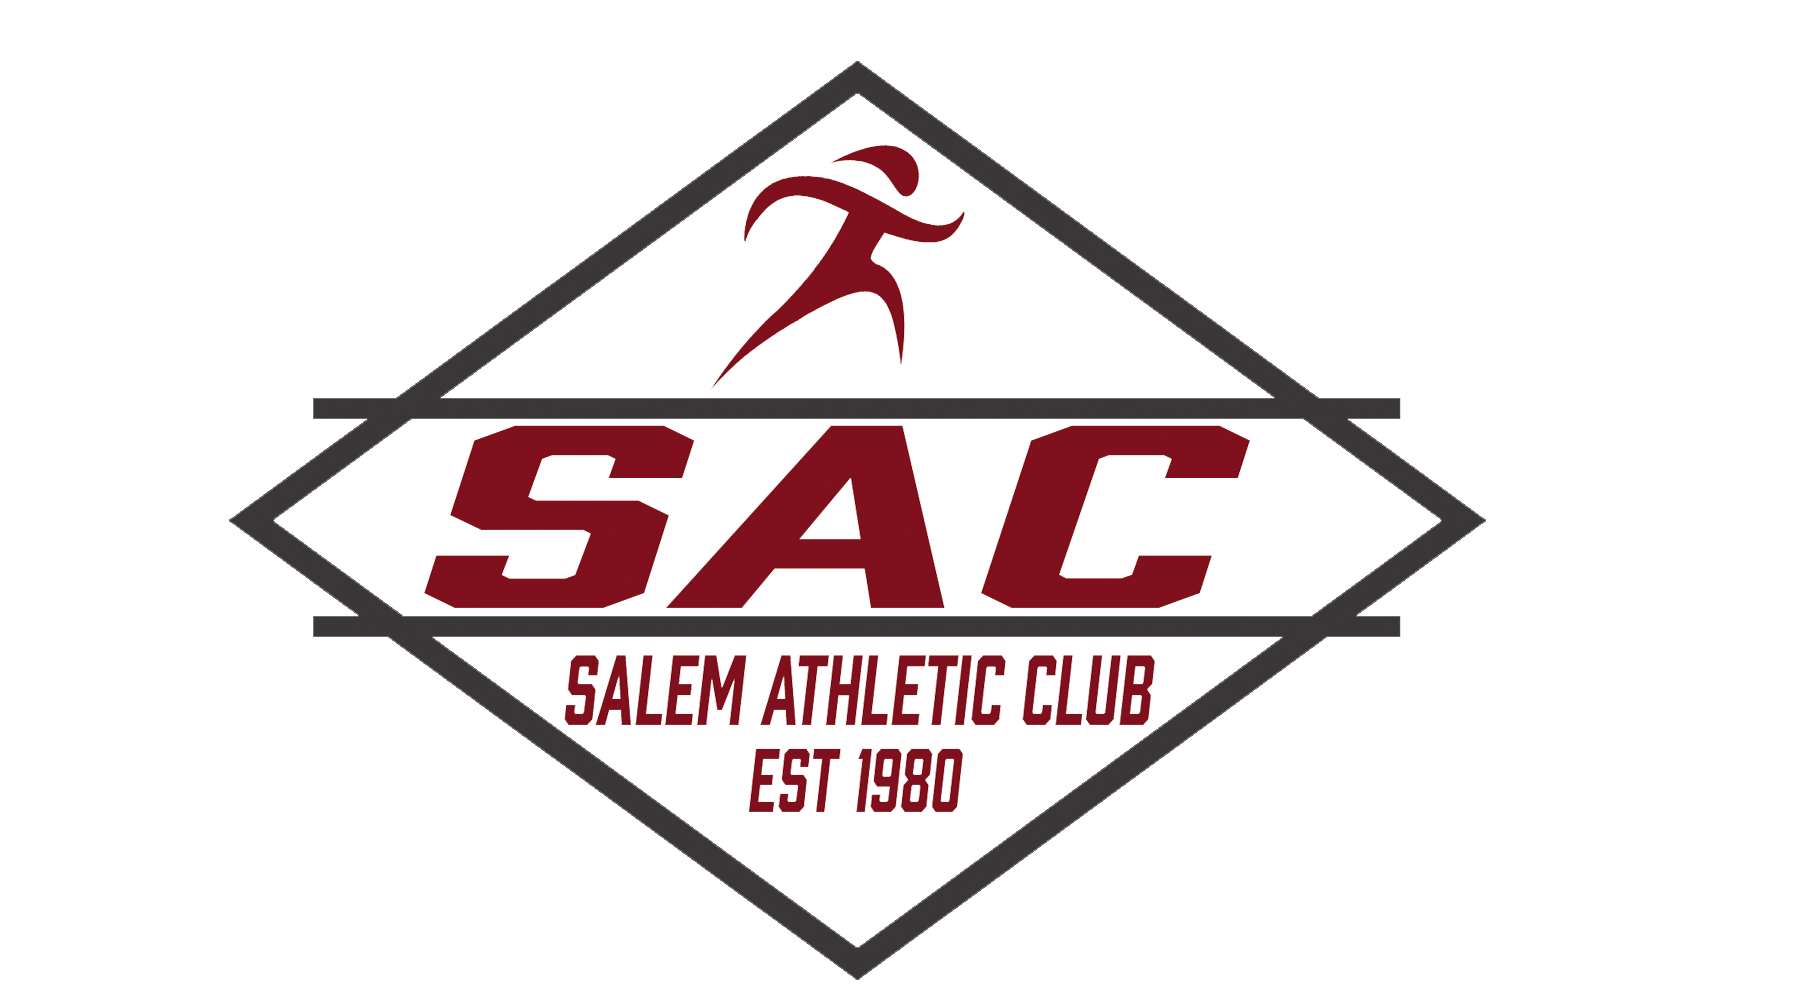 Salem Athletic Club